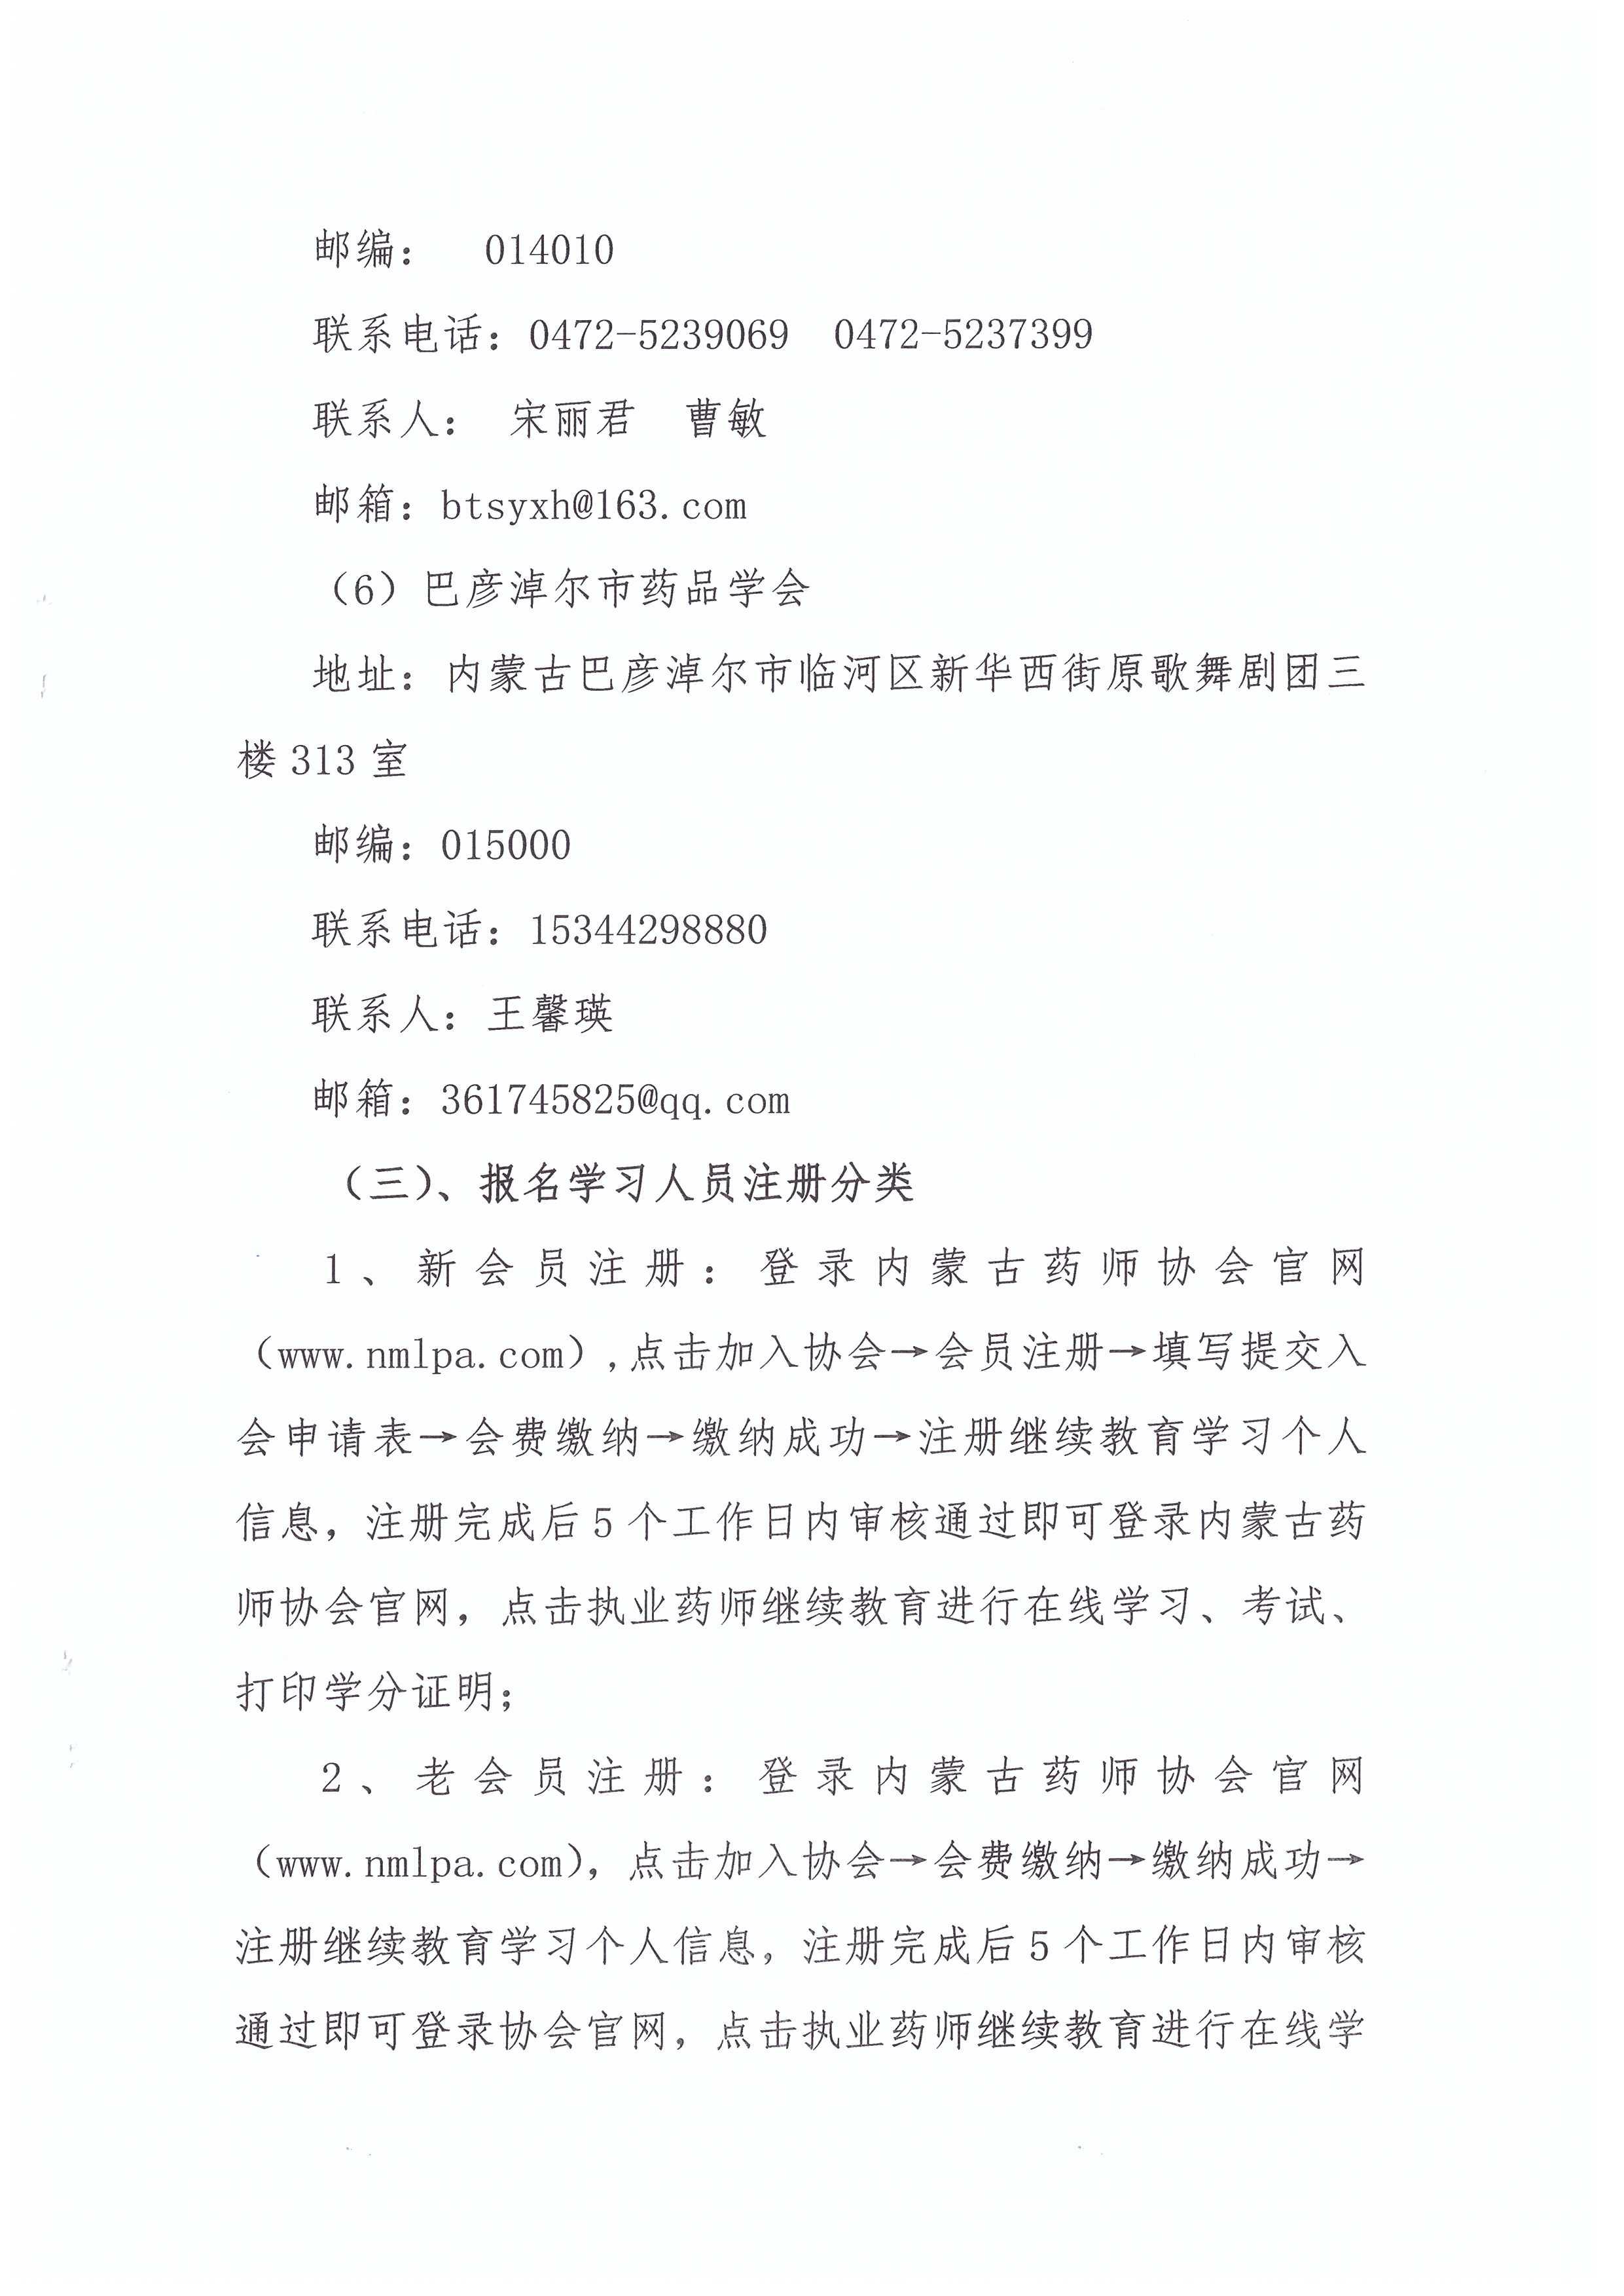 内蒙古关于开展2021年度执业药师继续教育工作的通知